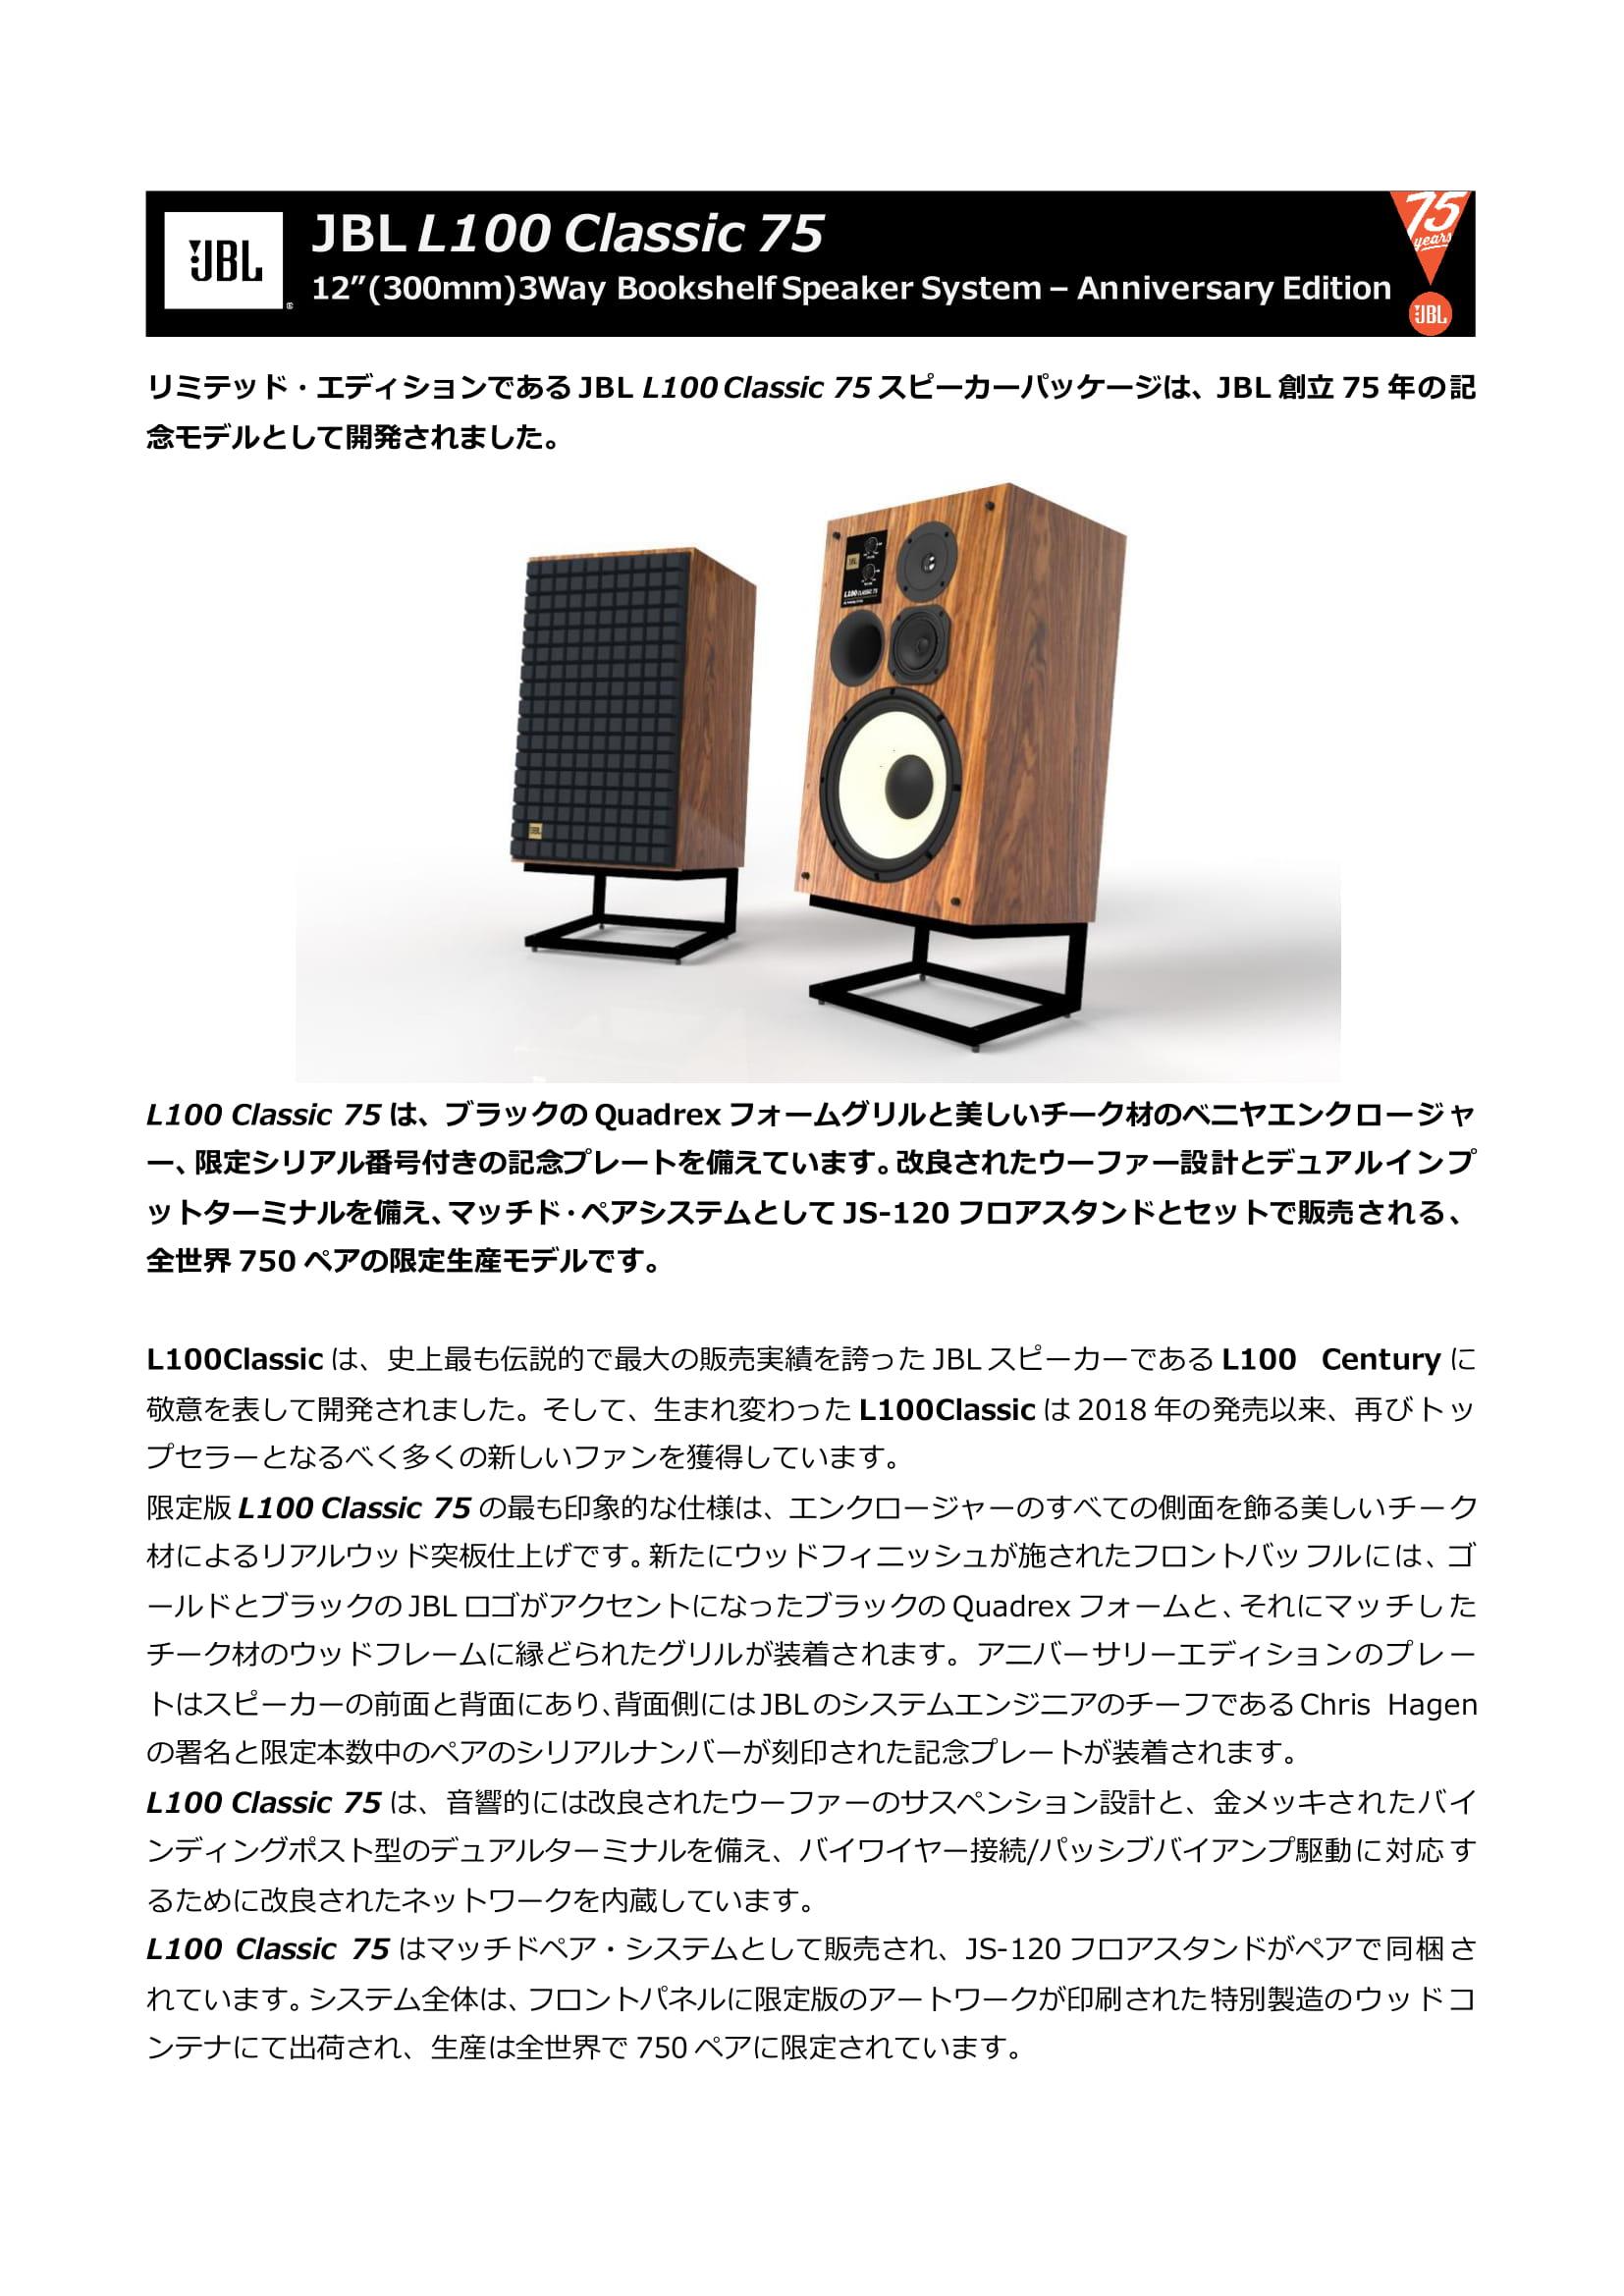 JBL L100 classic暫定資料-1